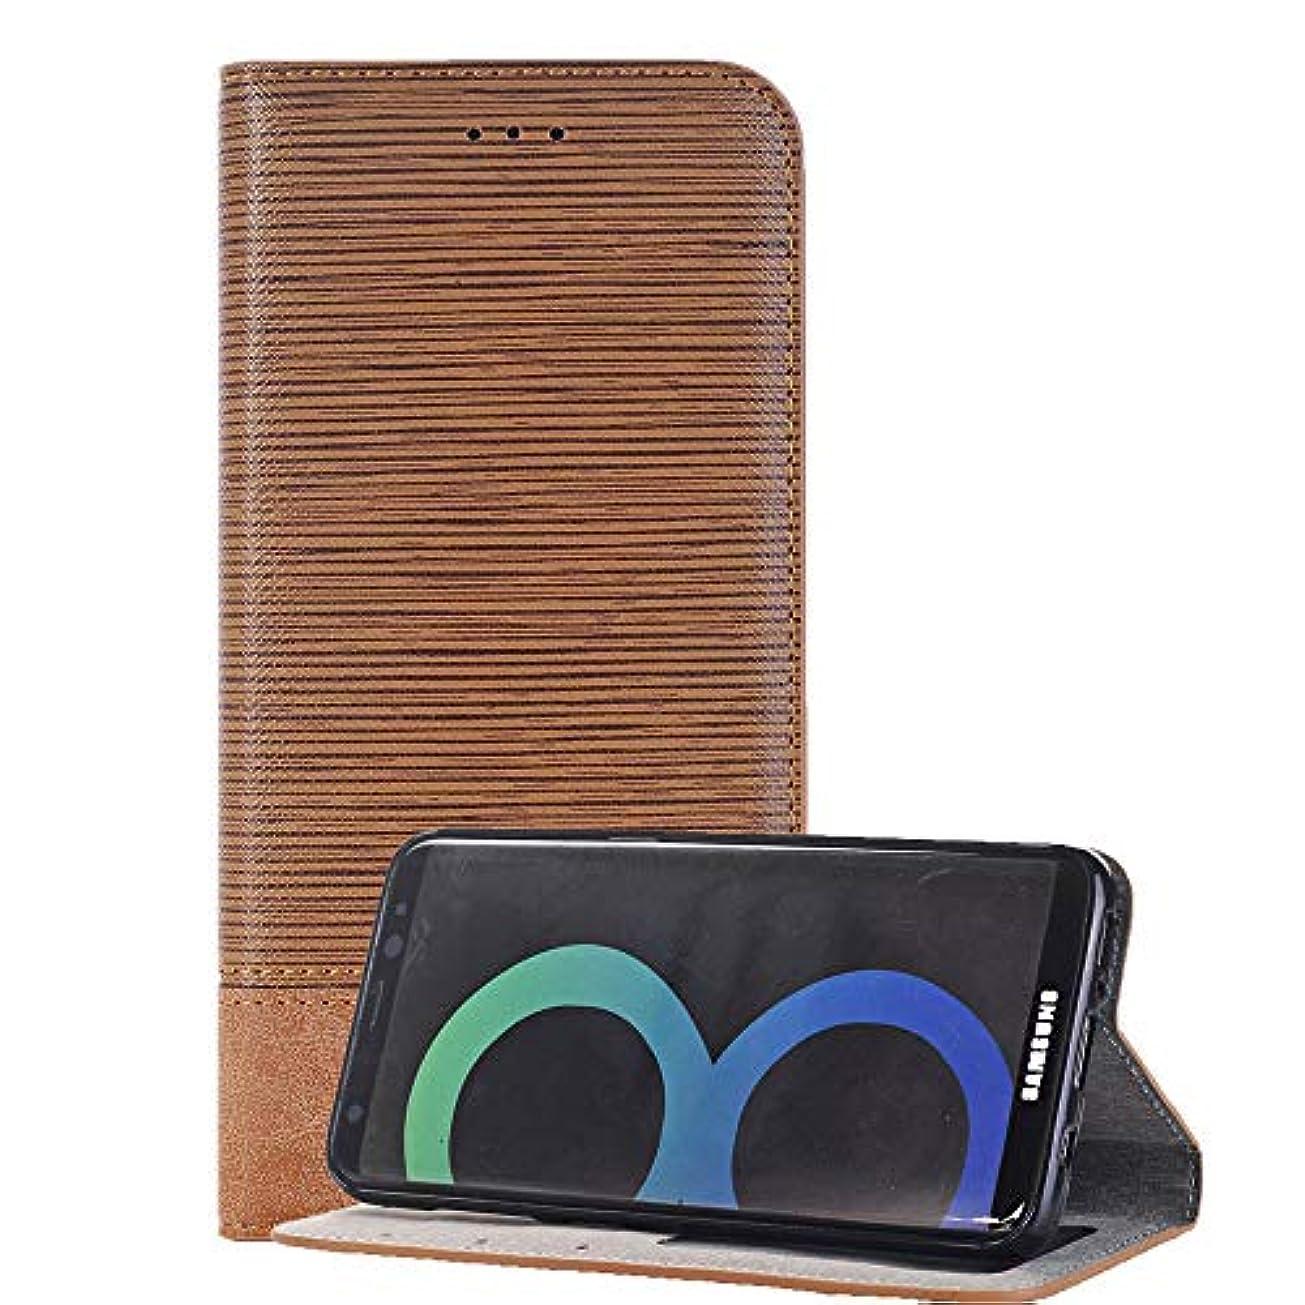 命題お香メディックSamsung Galaxy S8 手帳型 ケース ギャラクシーs8 スマホケース カバー 脱着簡単 カードポケット 高品質 人気 おしゃれ カバー(ライトブラウン)